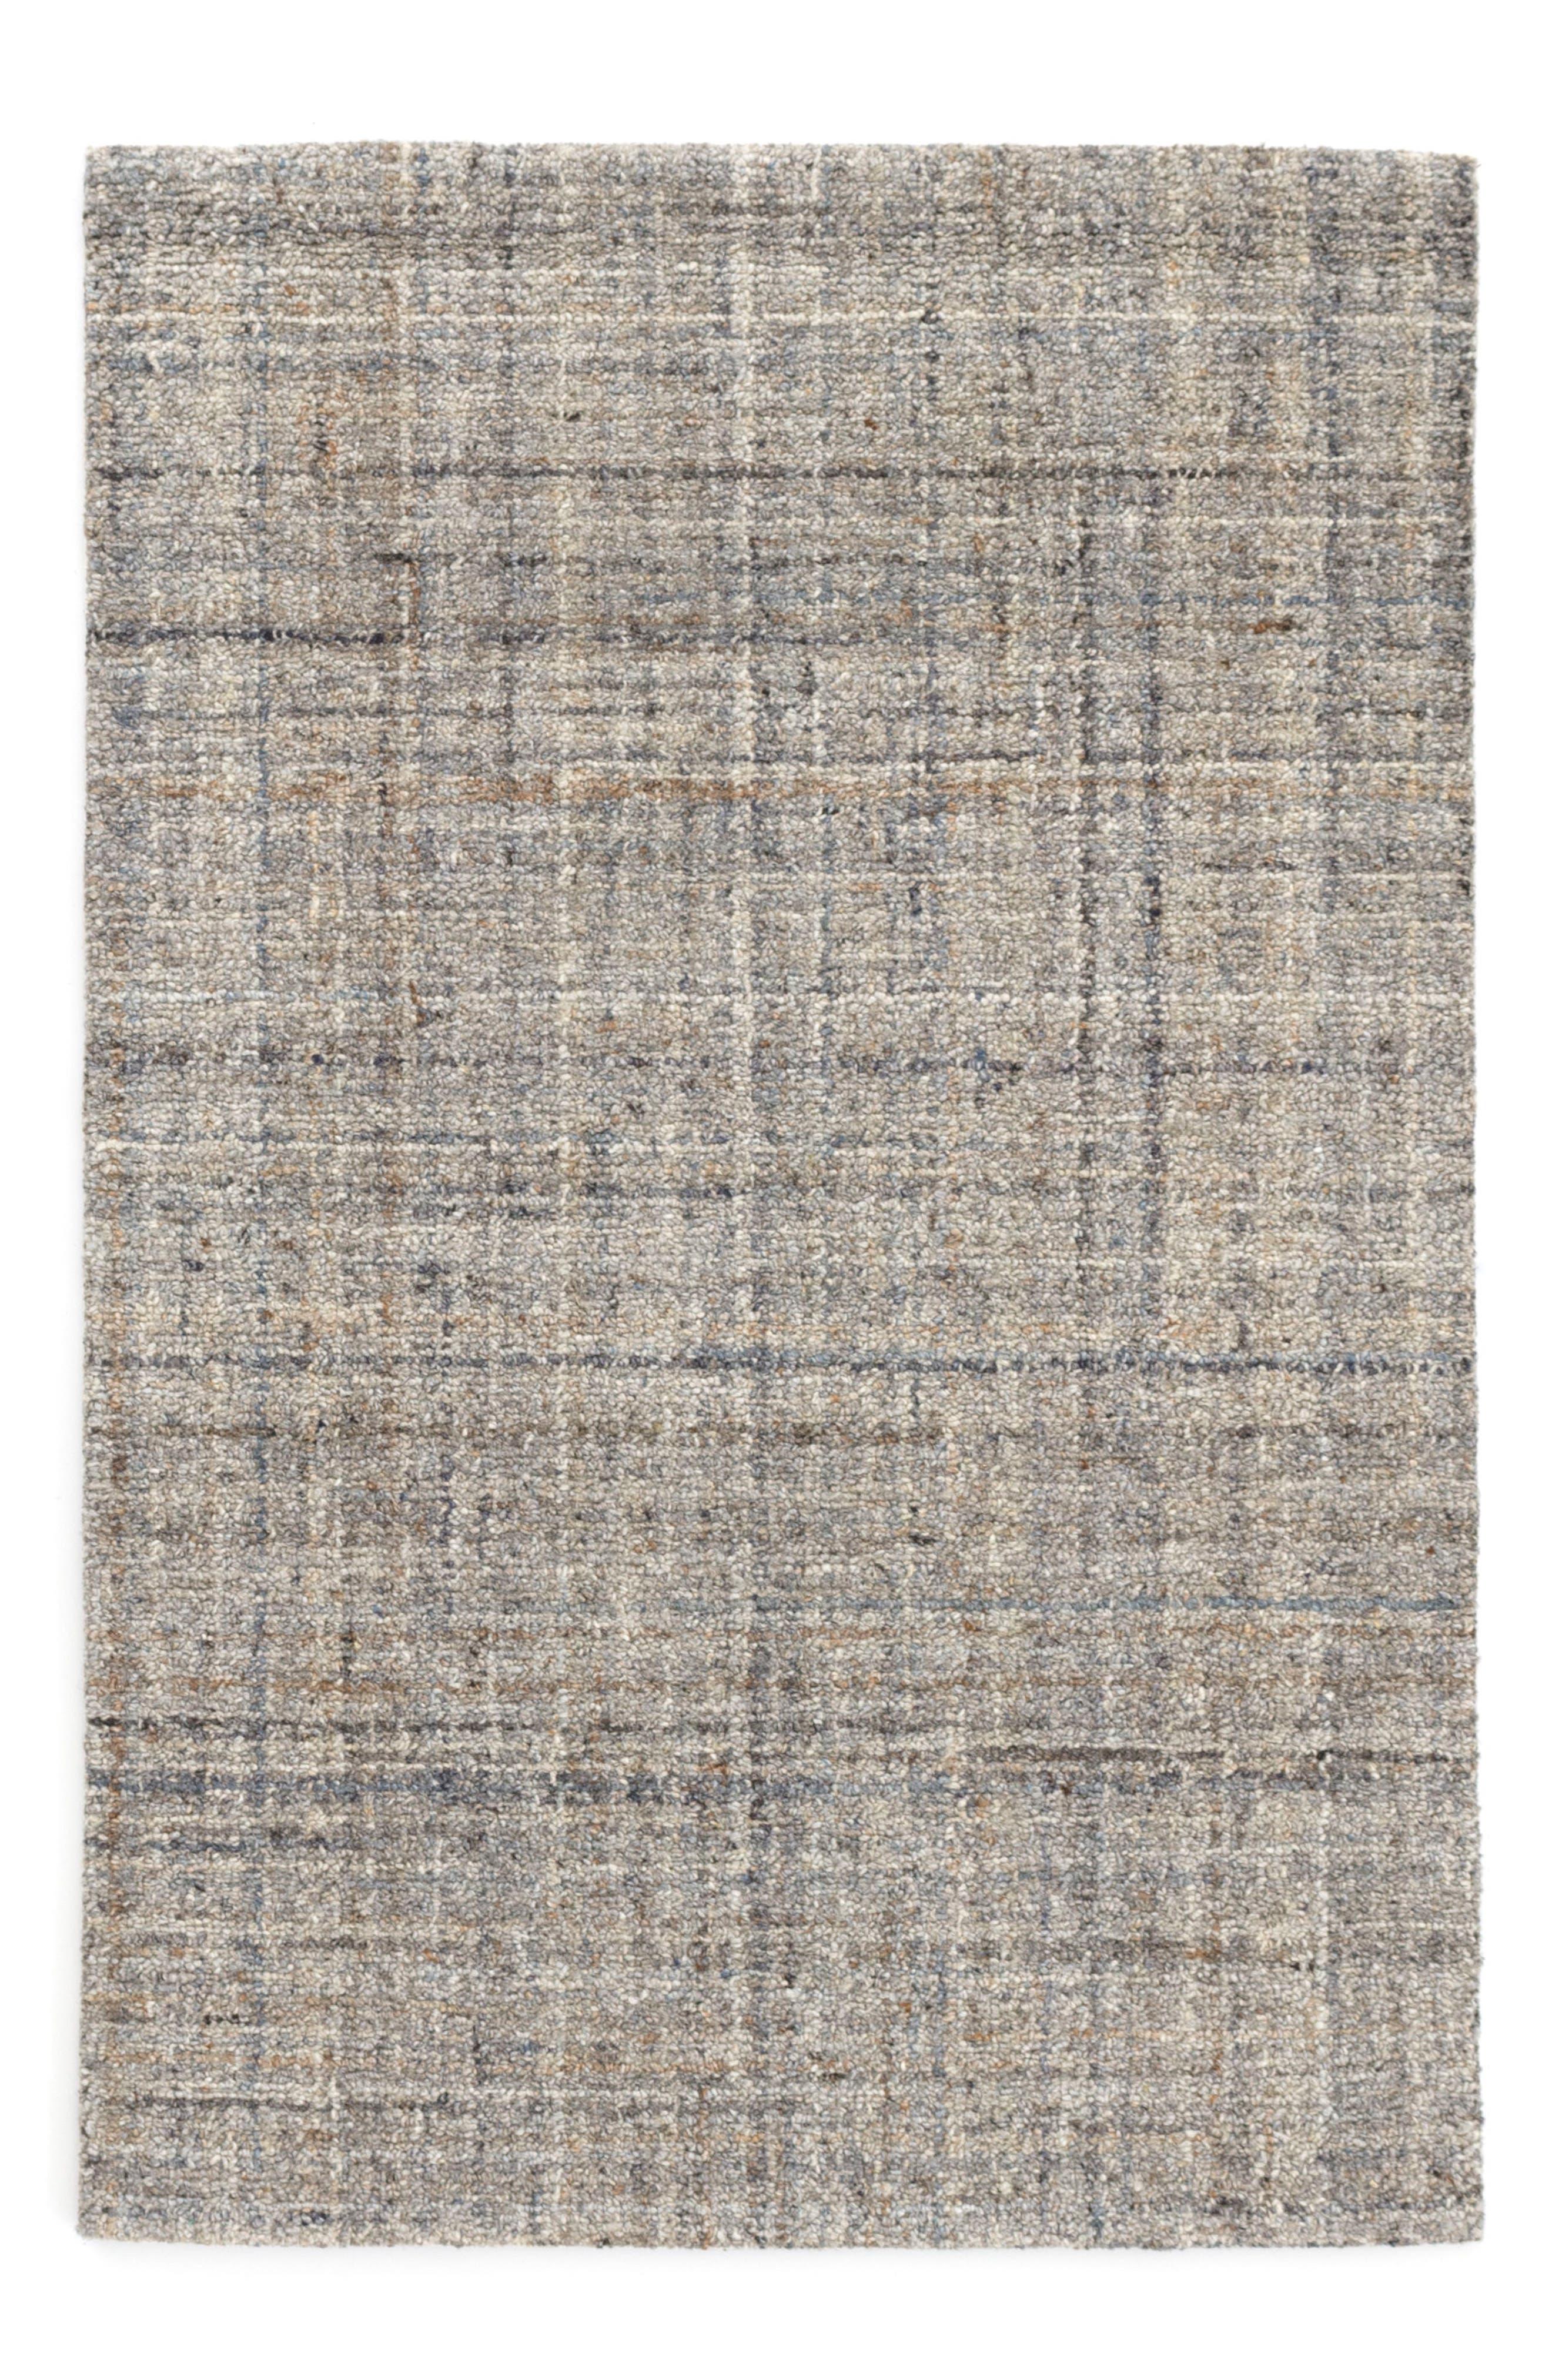 Harris Wool Rug,                         Main,                         color, BLUE